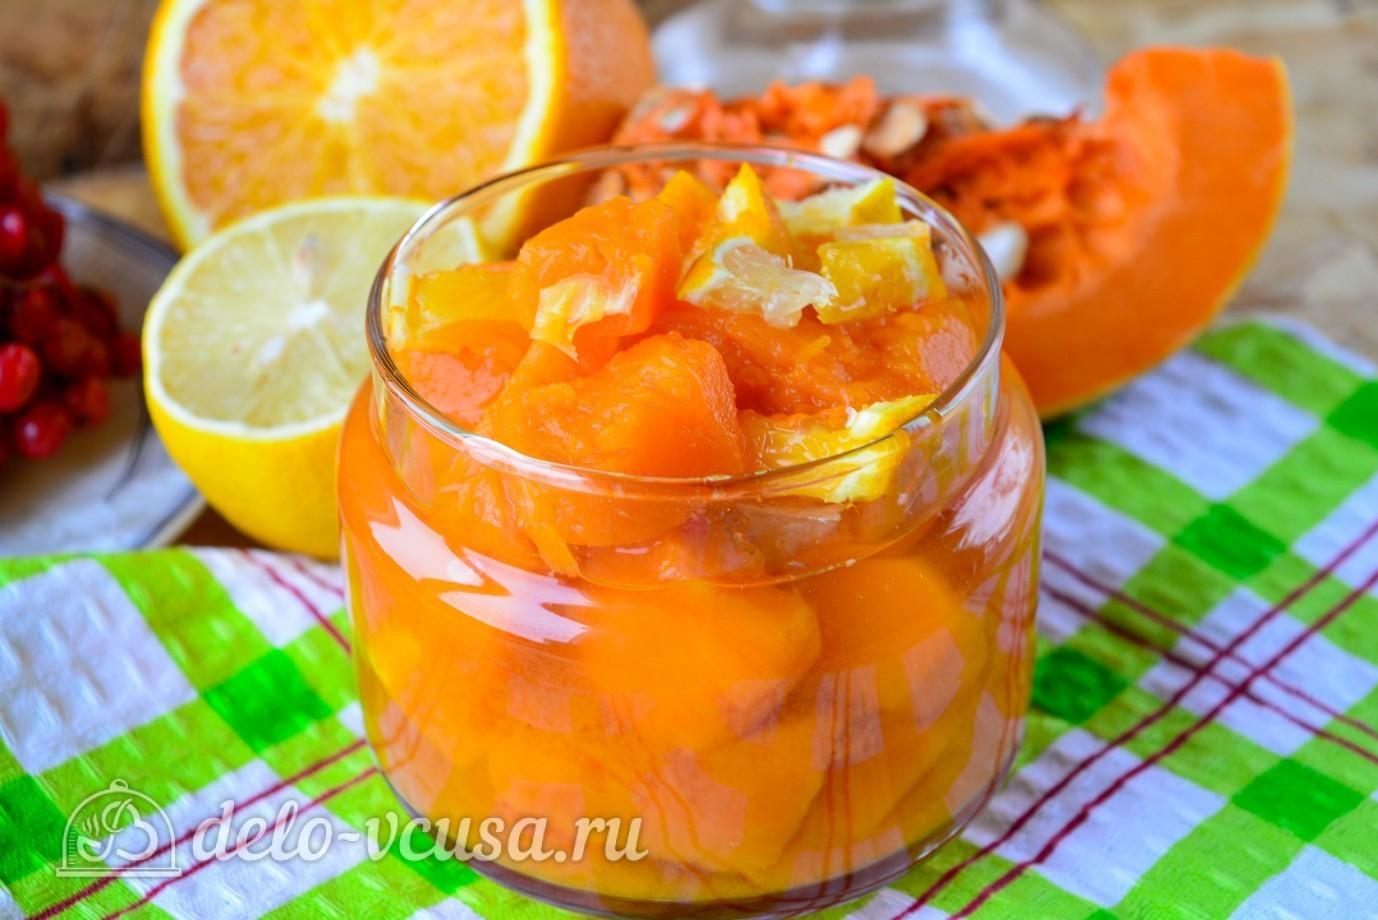 Джем из тыквы с апельсином и лимоном рецепт пошагово в духовке